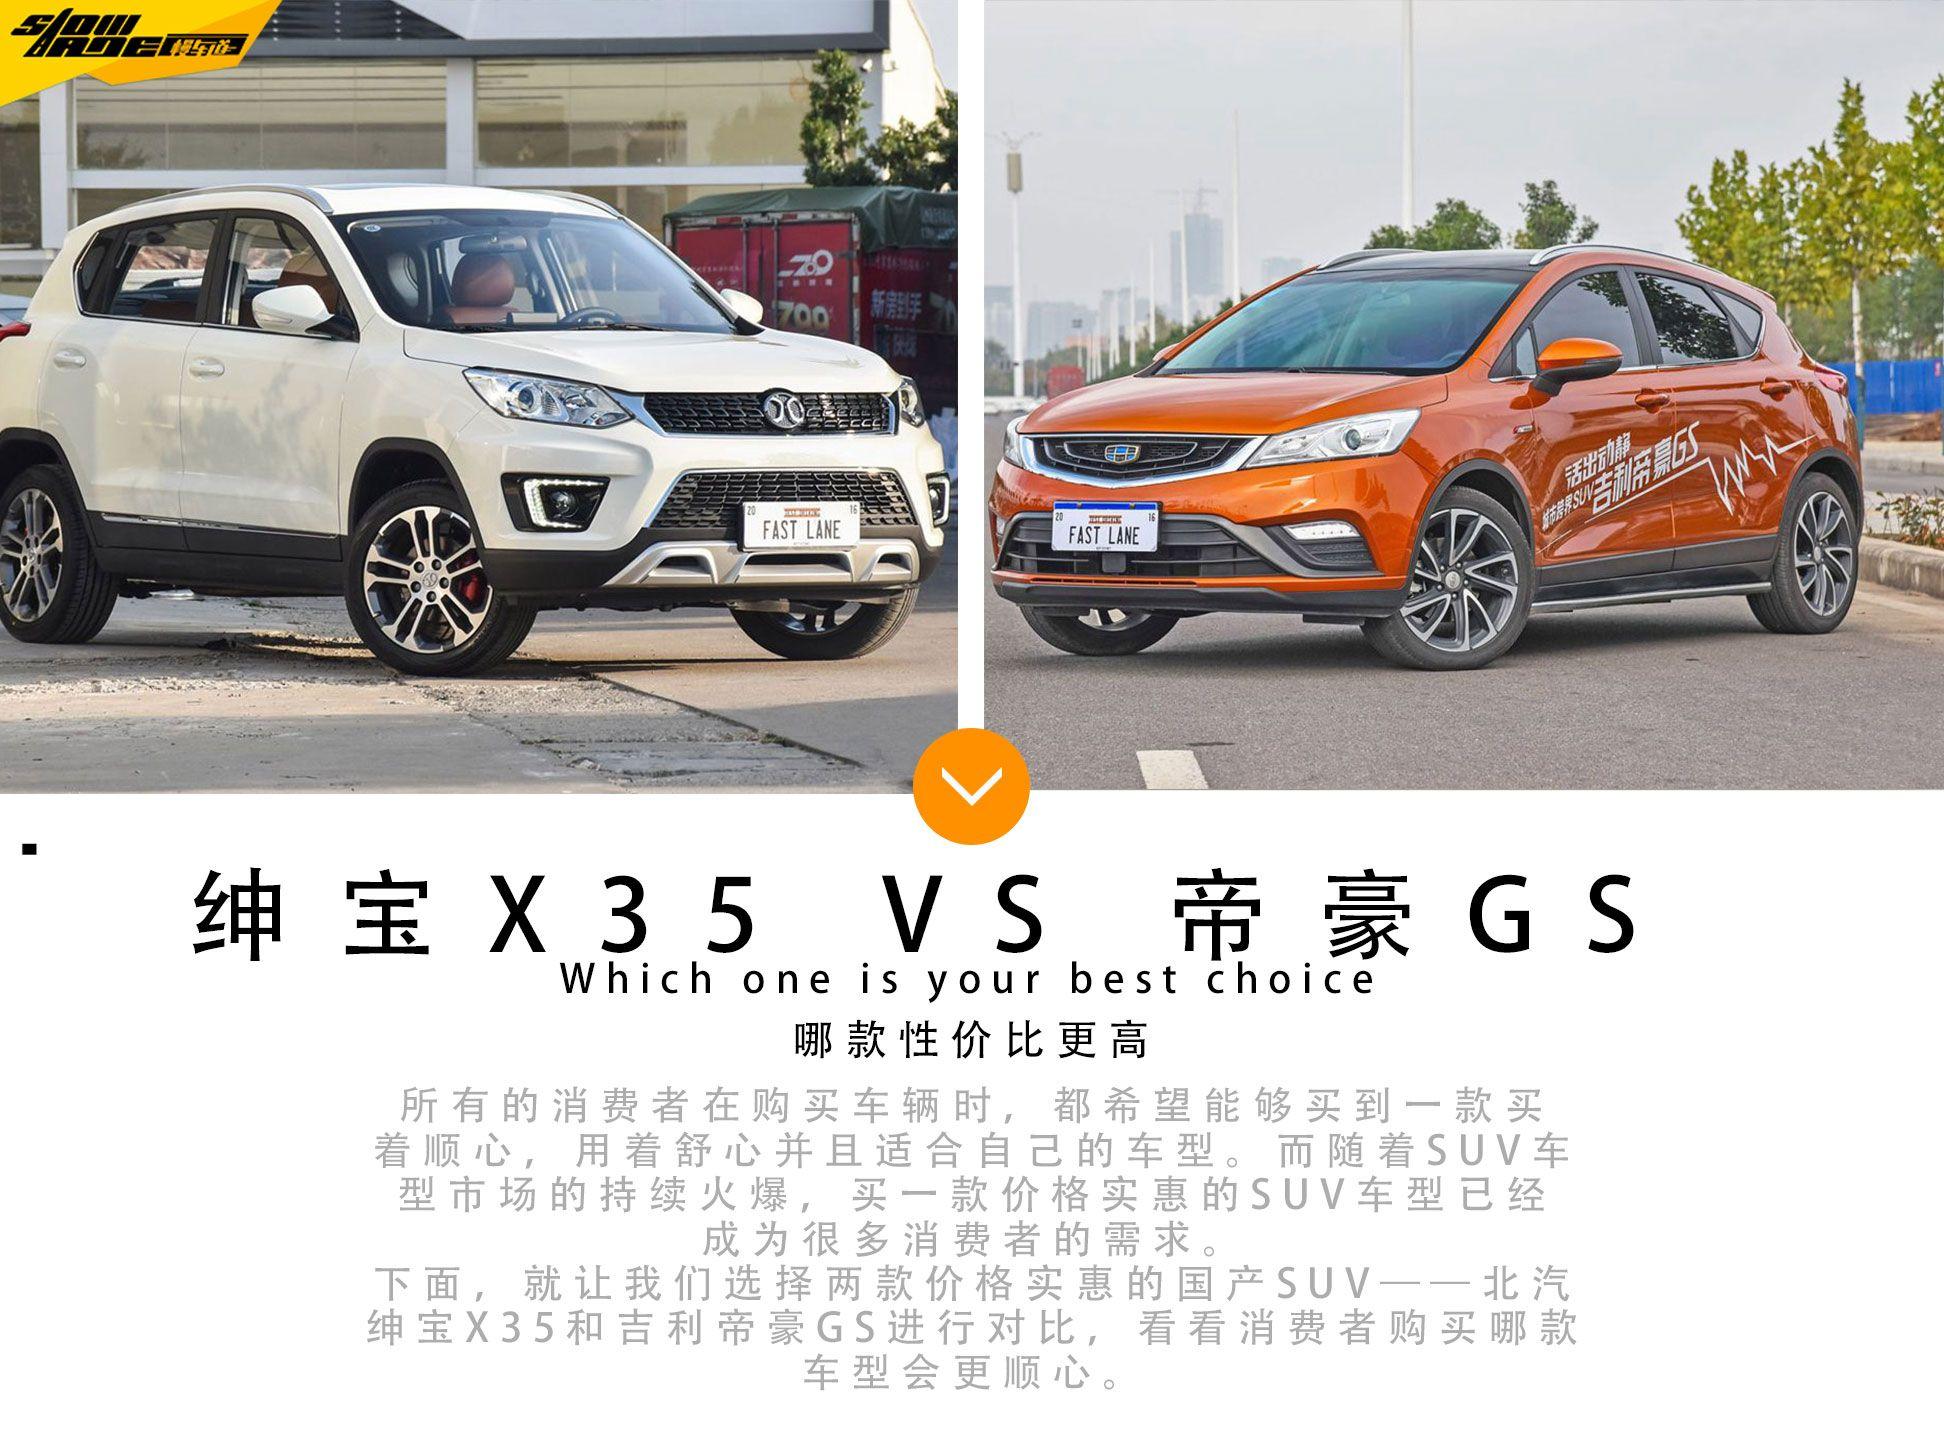 北汽绅宝X35 VS 吉利帝豪GS 性价比谁高